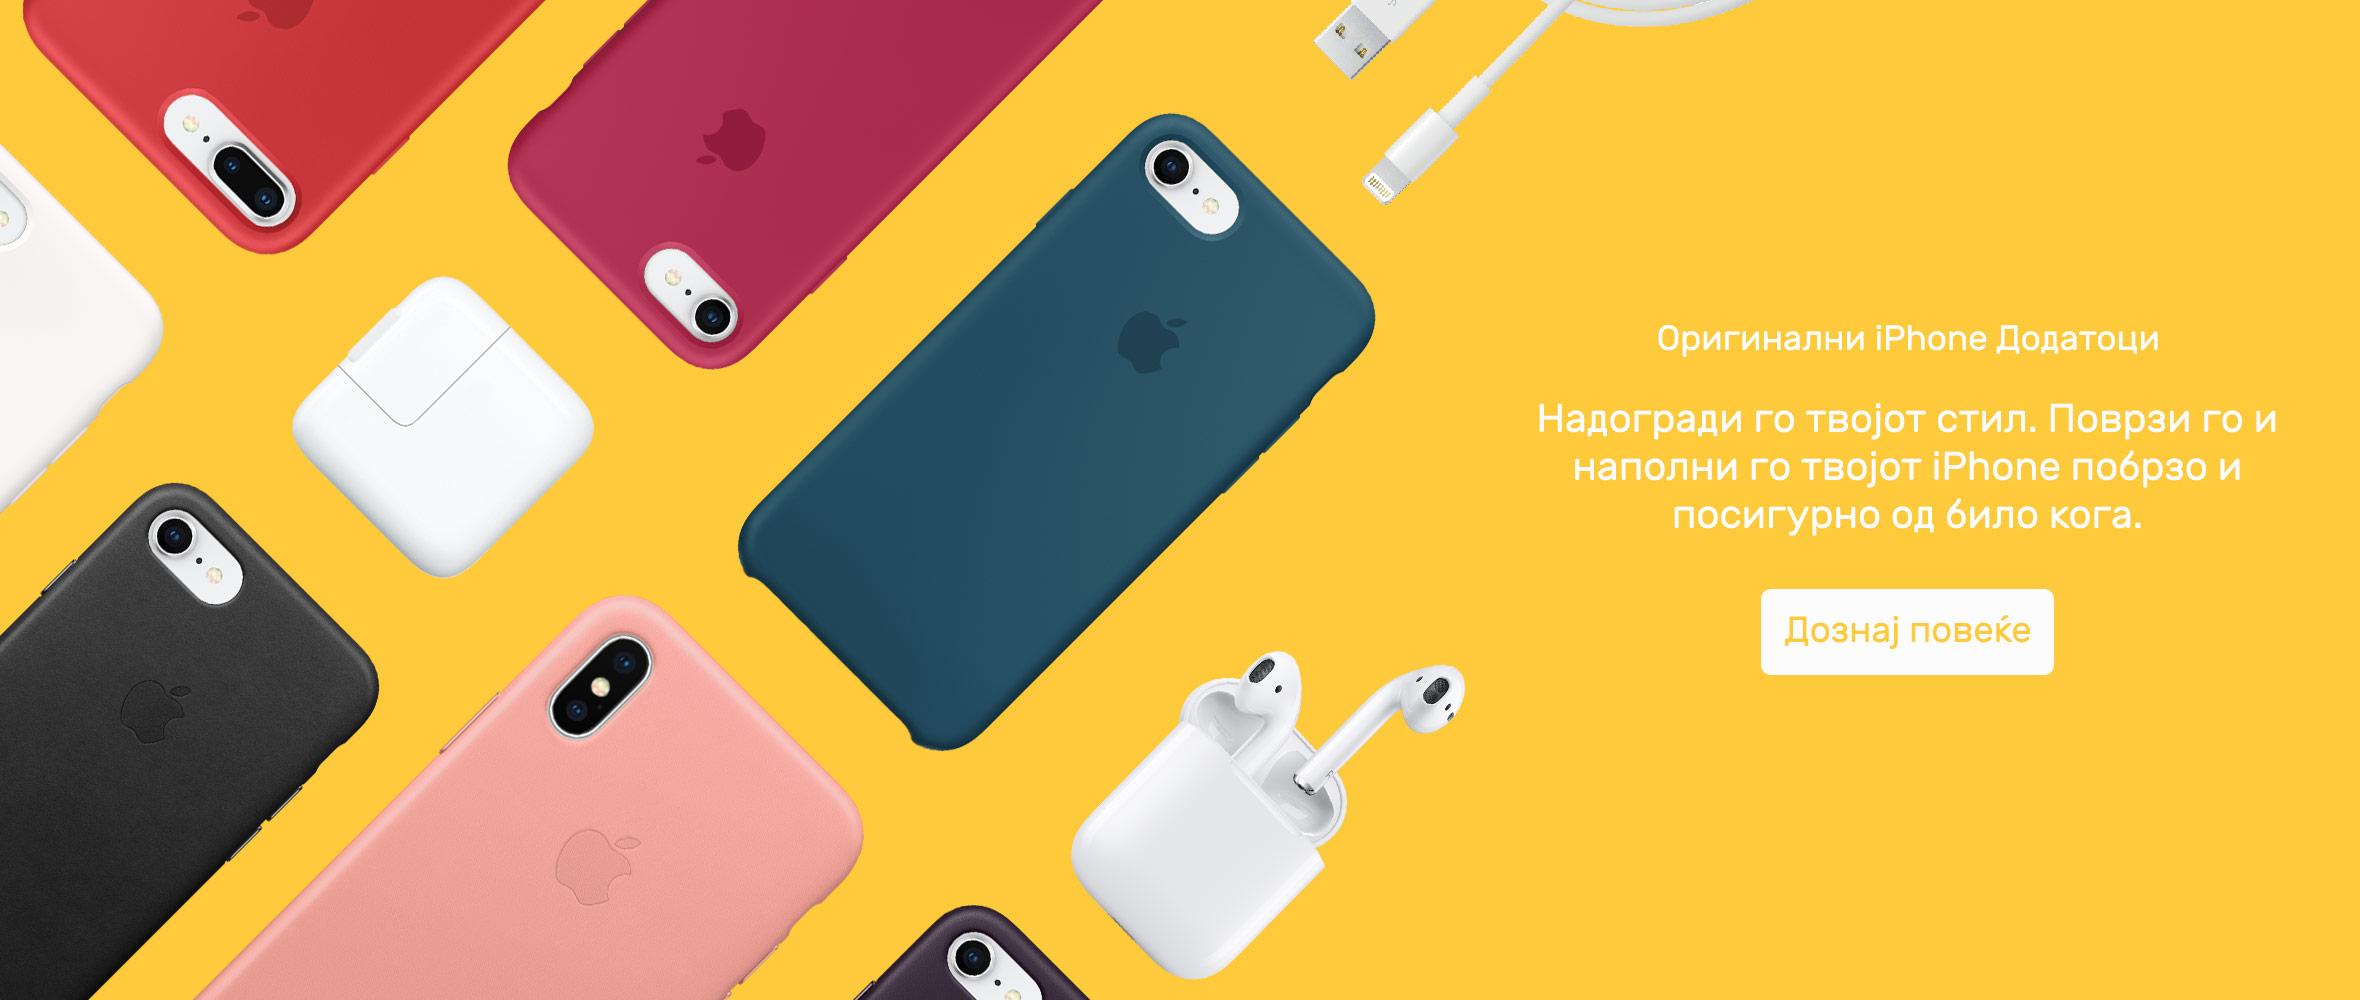 Original iPhone Accessories